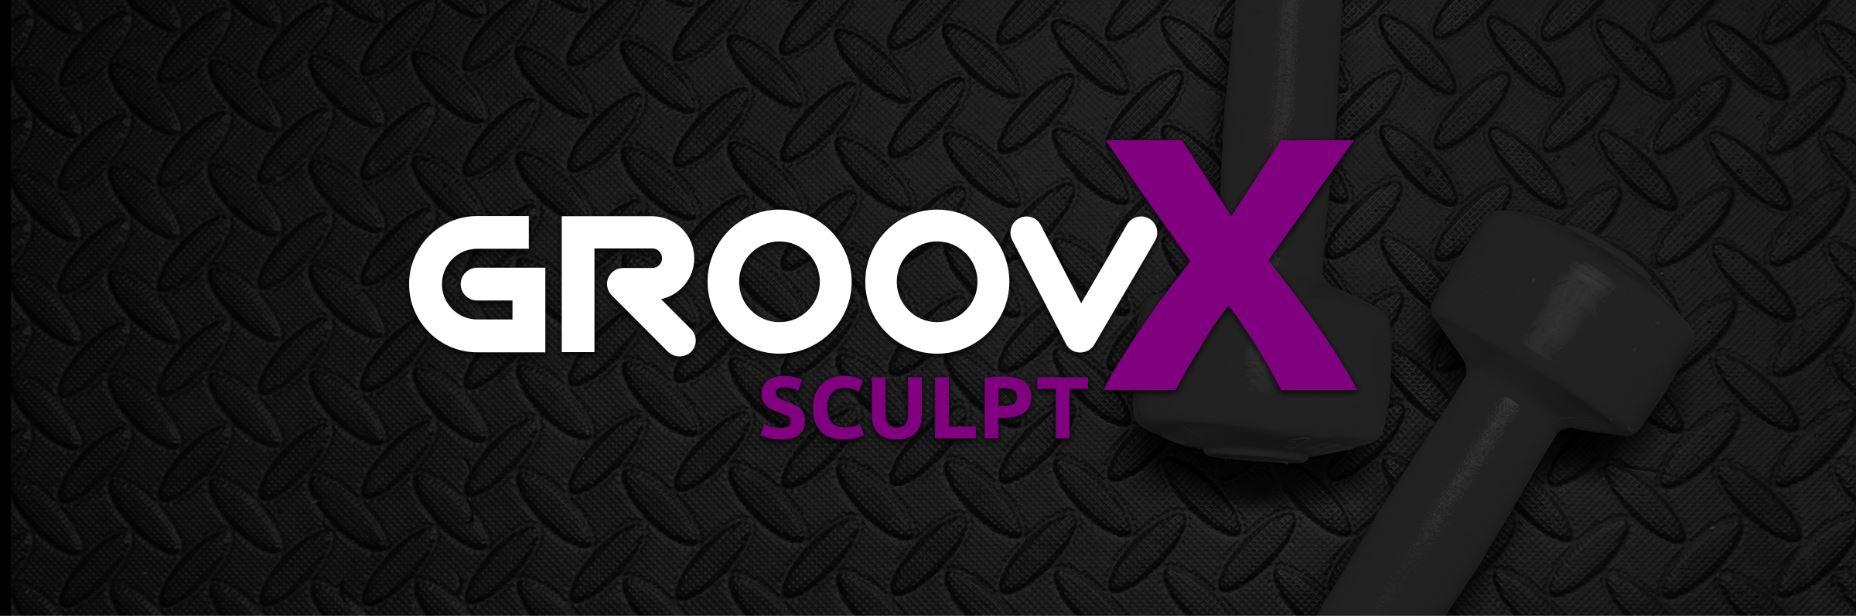 Groovx sculpt logo web